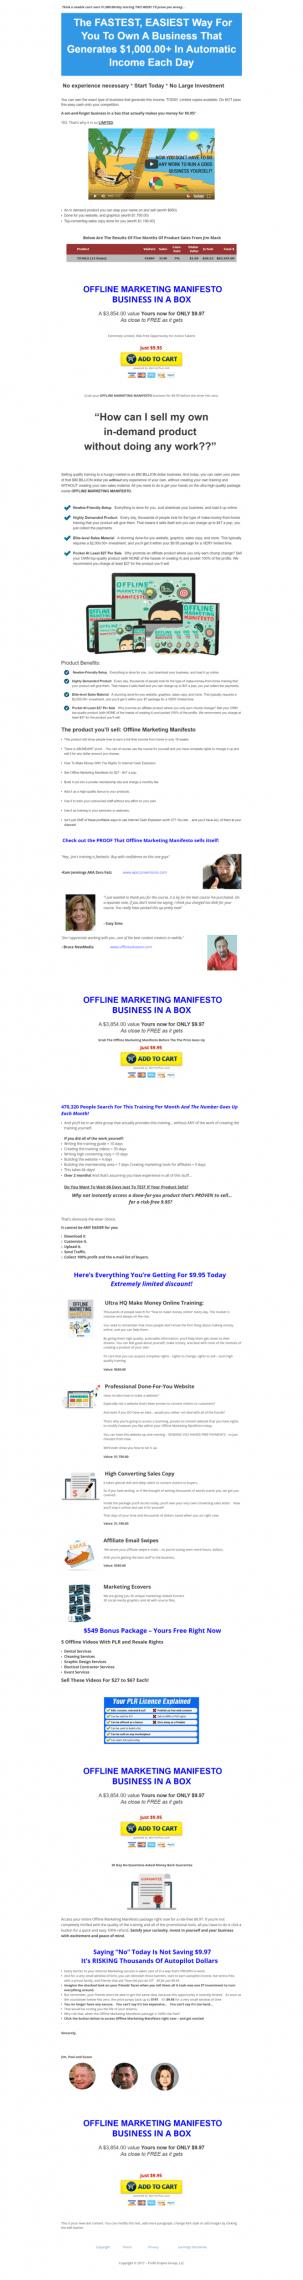 教你如何拥有一家每天自动产生00美元以上收入的公司 - 最快、最简单的方法(Offline Marketing Business In A Box PLR)